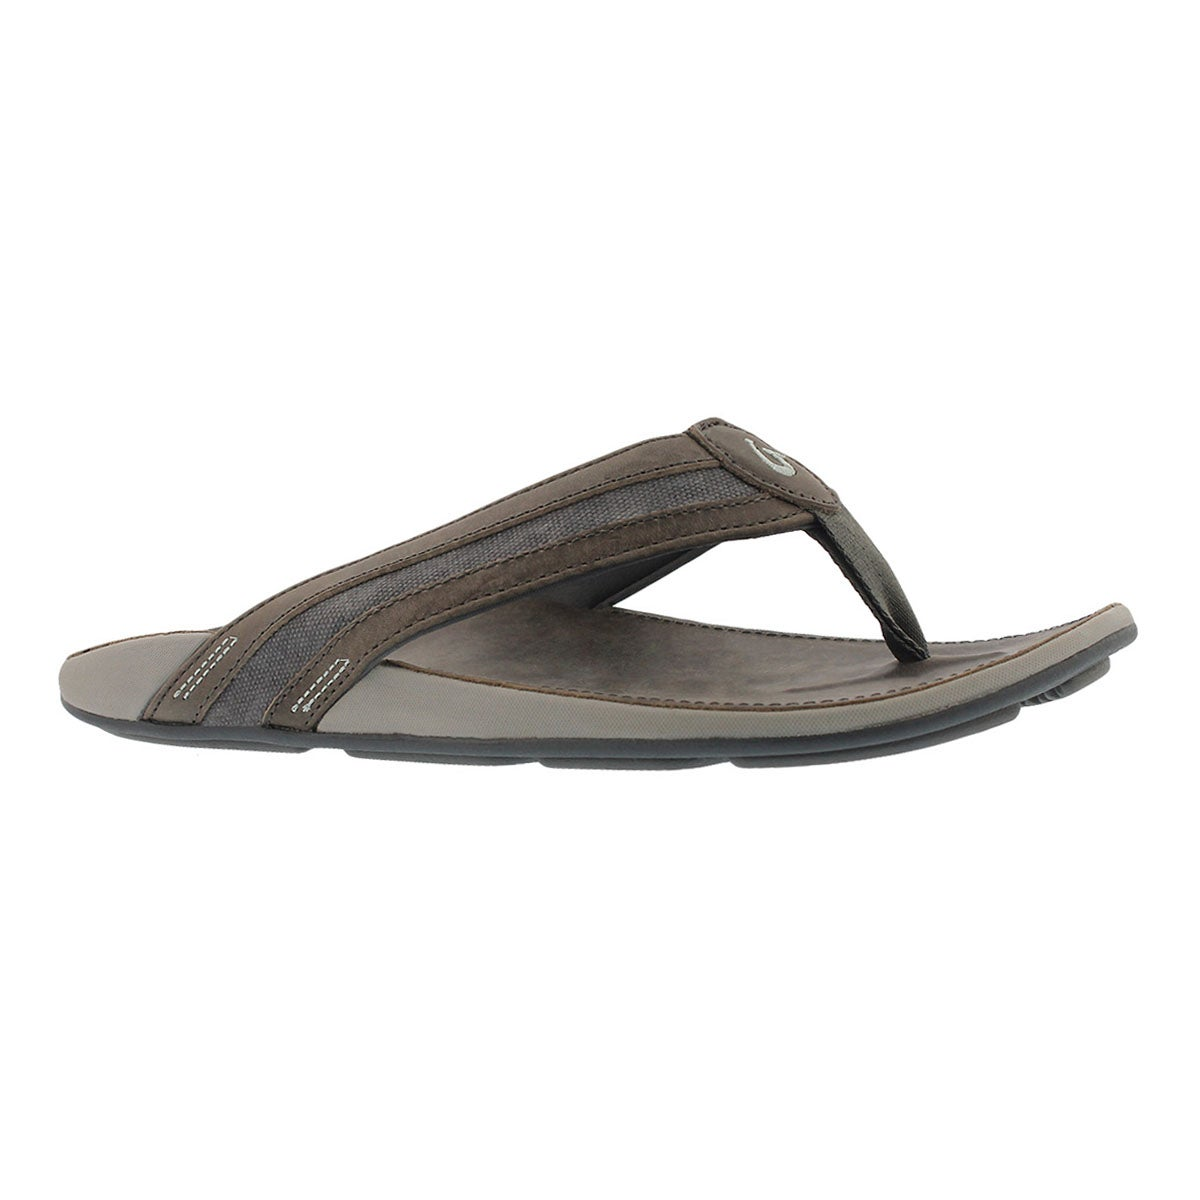 Mns Ikoi charcoal thong sandal